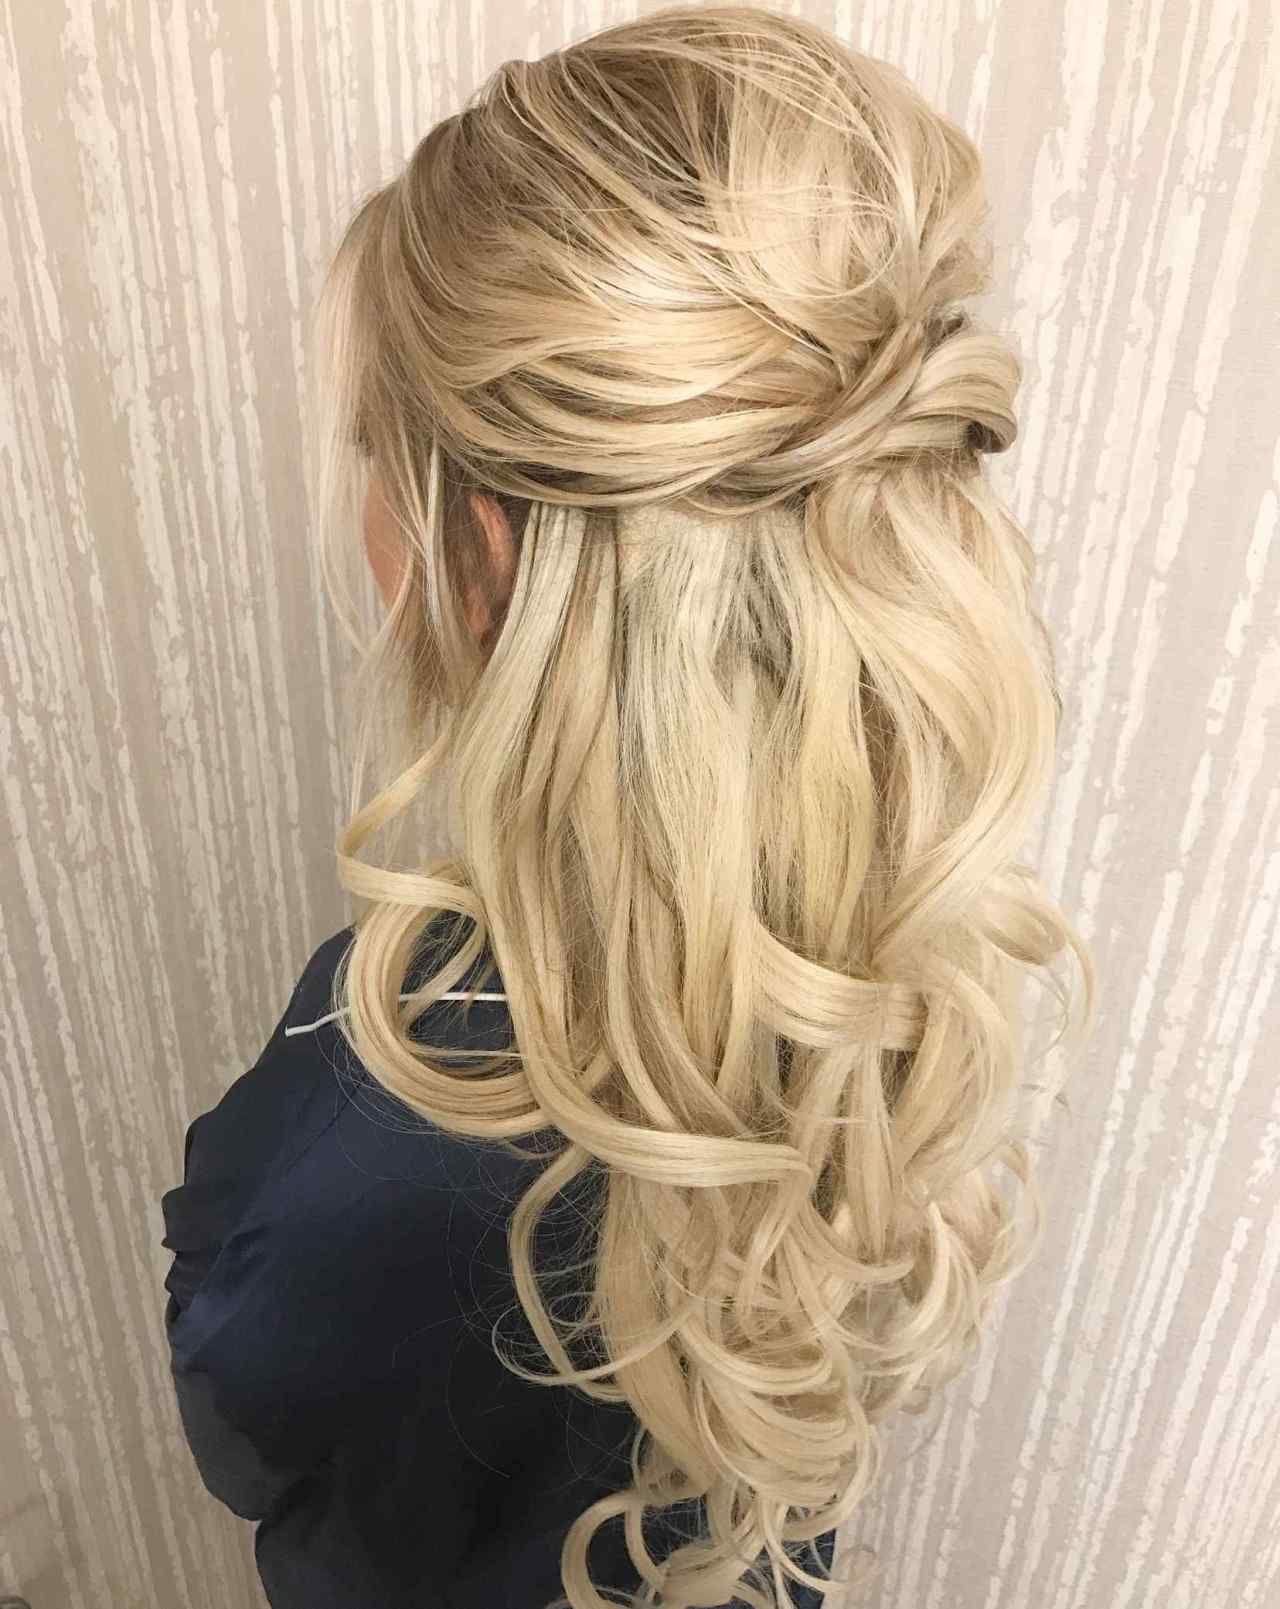 wedding hairstyles updo with veil curls brides half up half